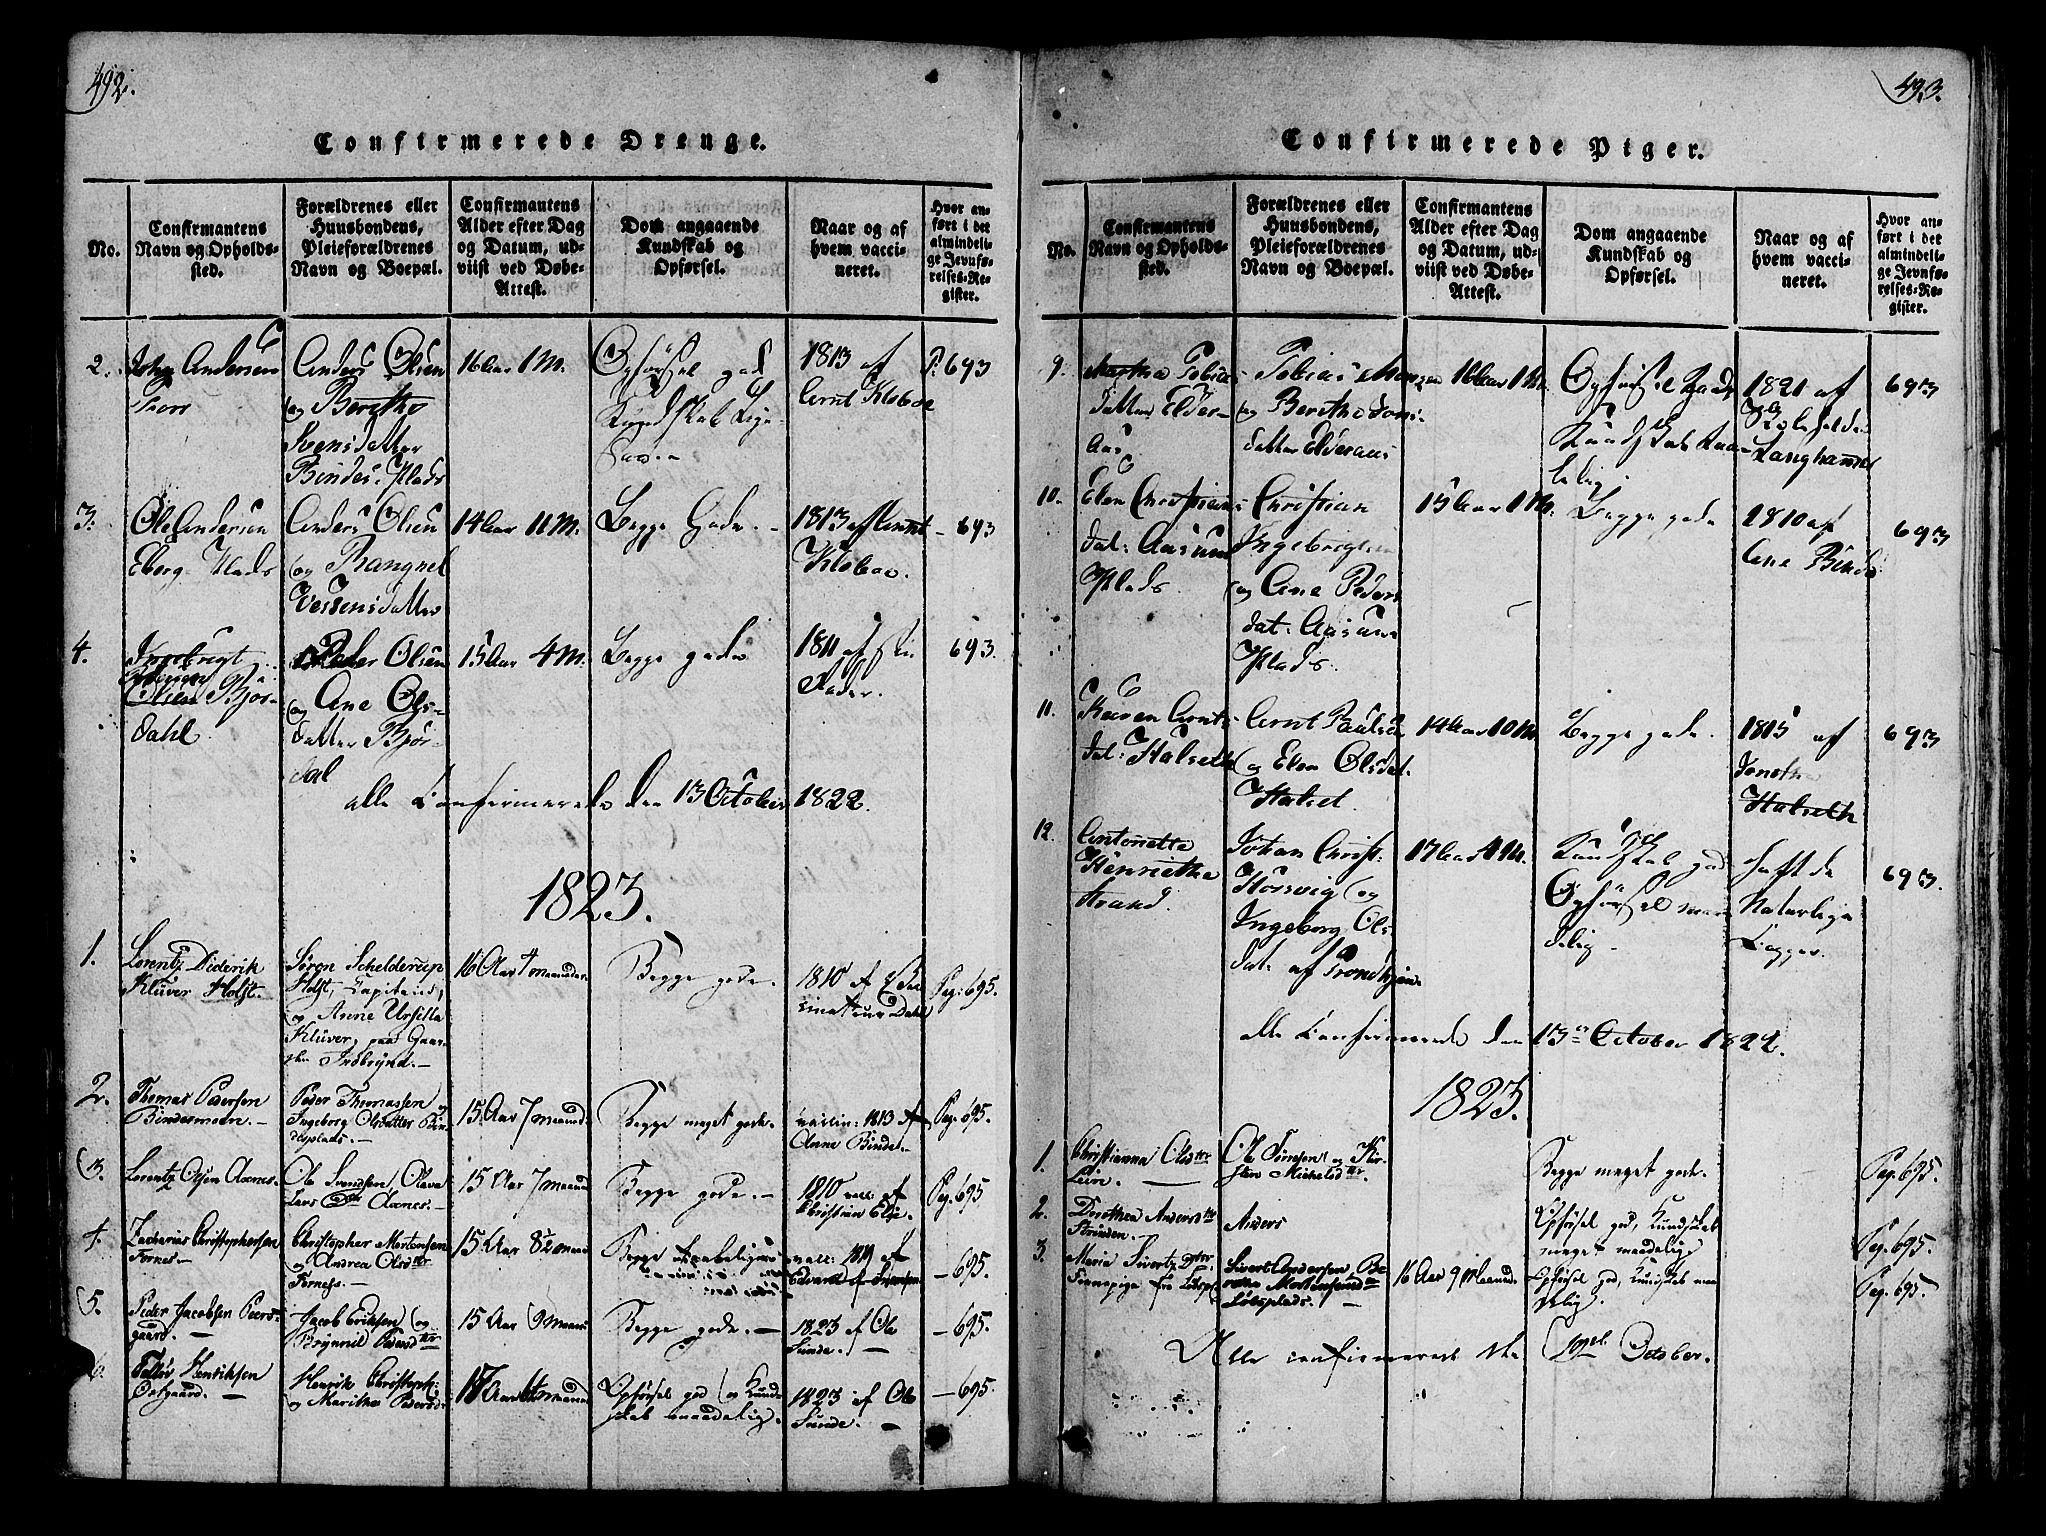 SAT, Ministerialprotokoller, klokkerbøker og fødselsregistre - Nord-Trøndelag, 746/L0441: Ministerialbok nr. 746A03 /1, 1816-1827, s. 492-493